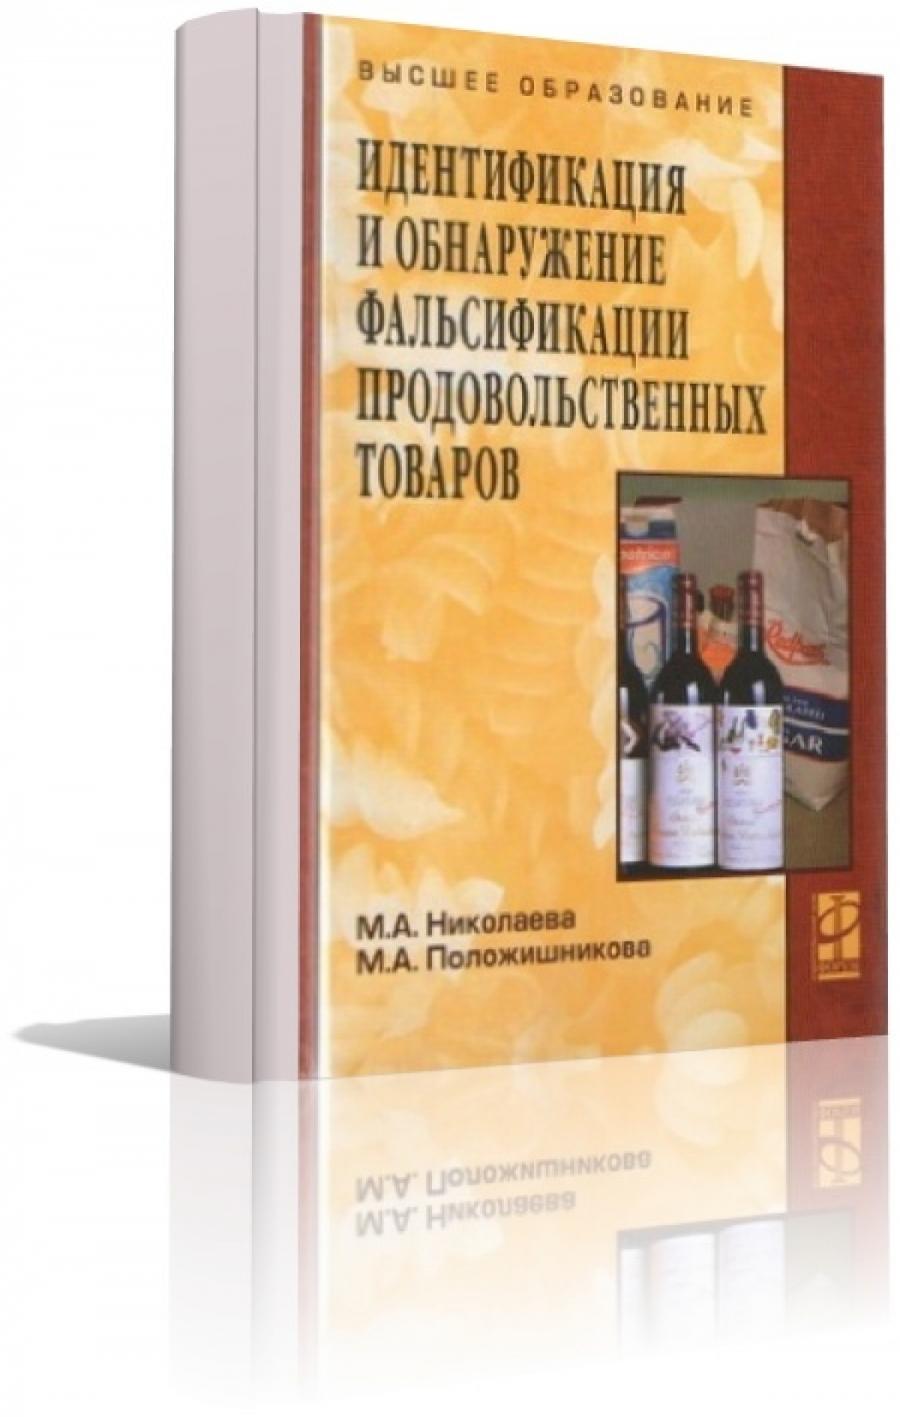 Обложка книги:  николаева м.а., положишникова м.а. - идентификация и обнаружение фальсификации продовольственных товаров